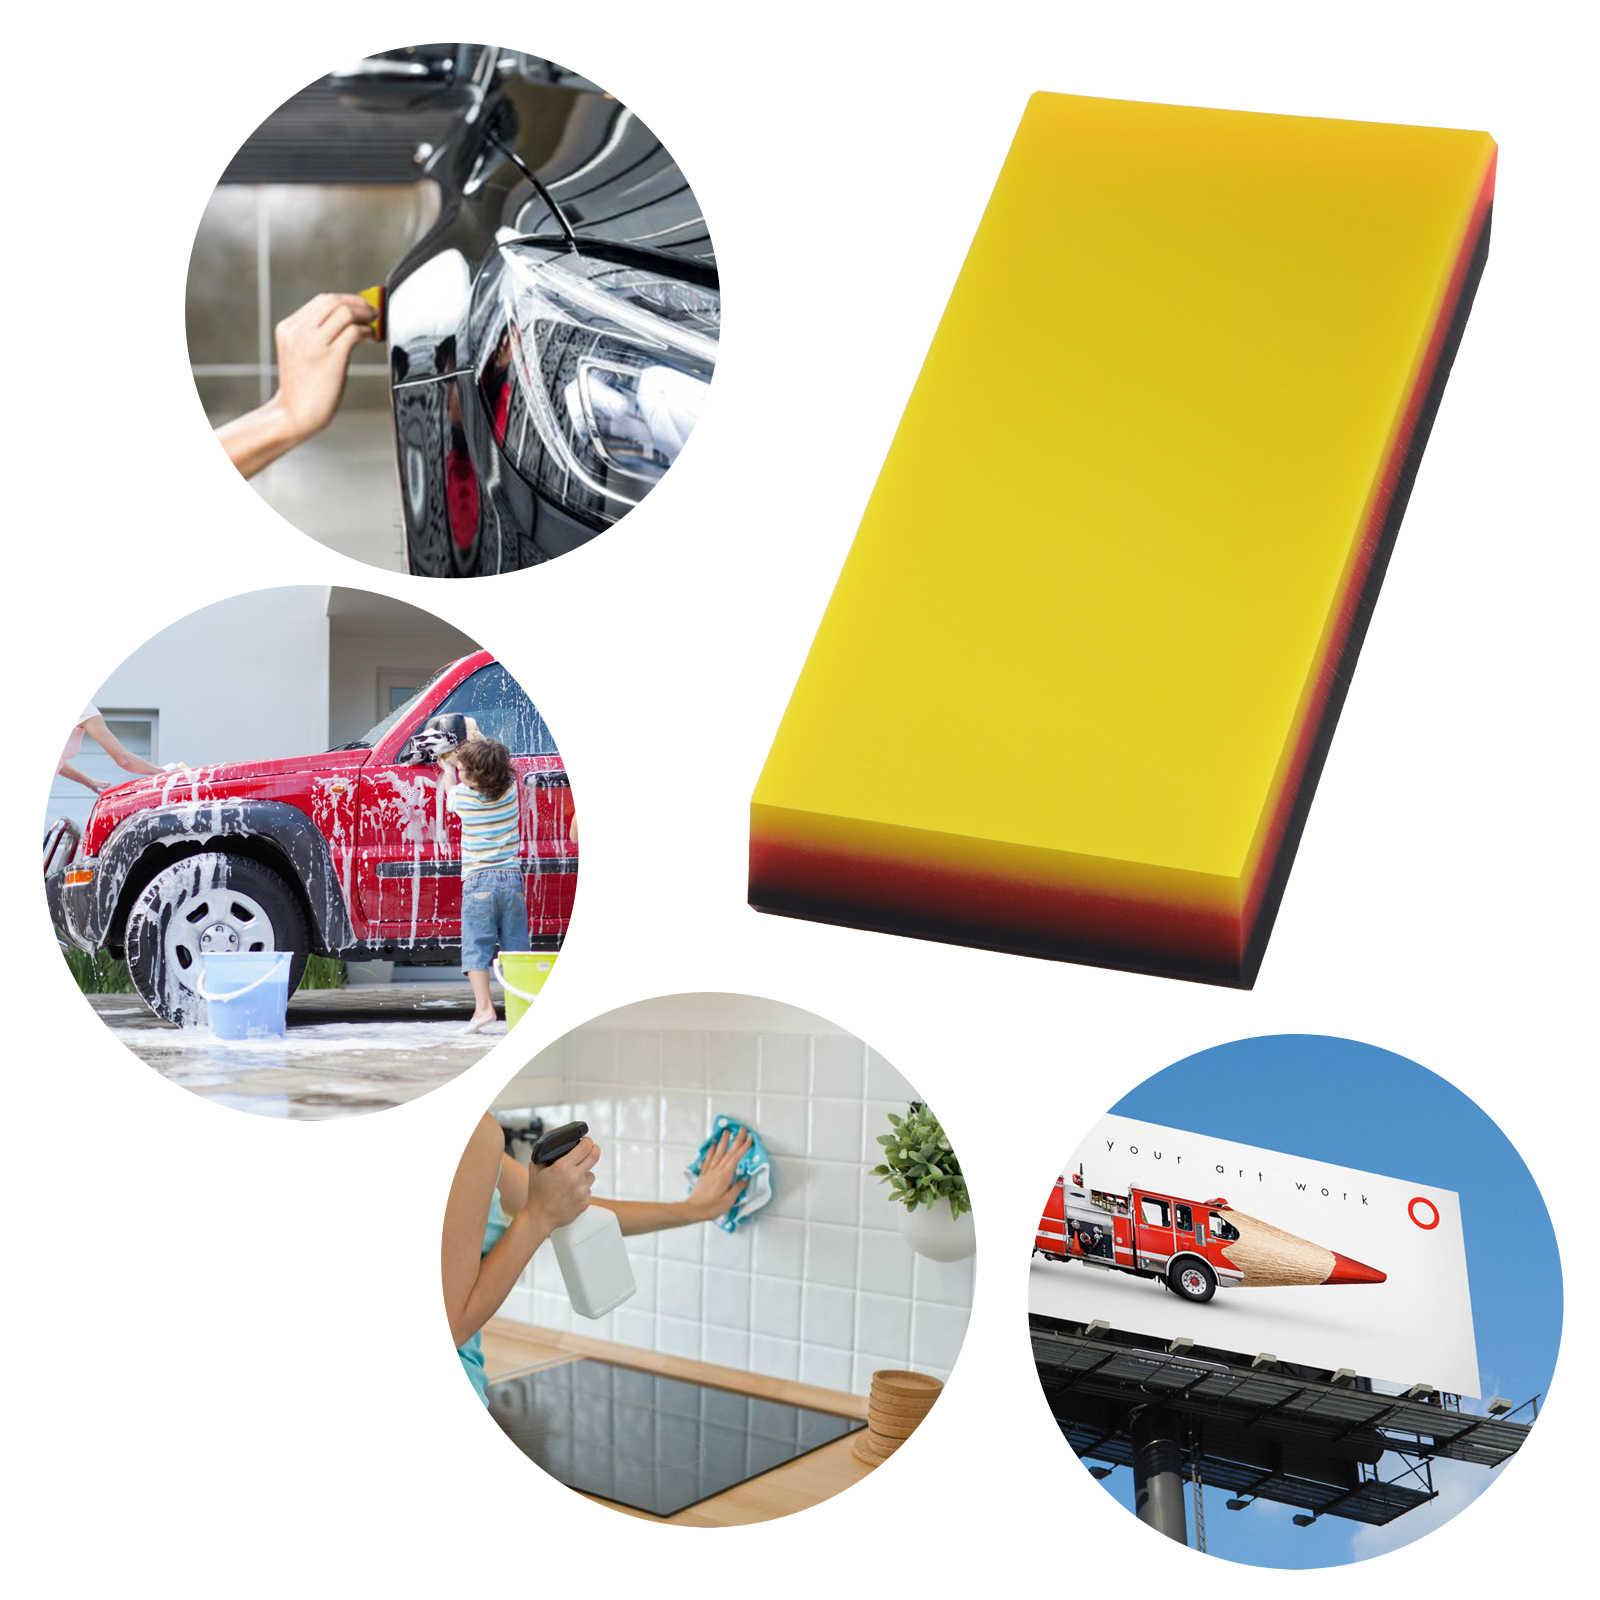 FOSHIO herramientas de fibra de carbono para coche, herramienta para envolver película adhesiva, herramienta para envolver ventana automática, papel tintado, adhesivo magnético, escurridor, rascador de afeitar